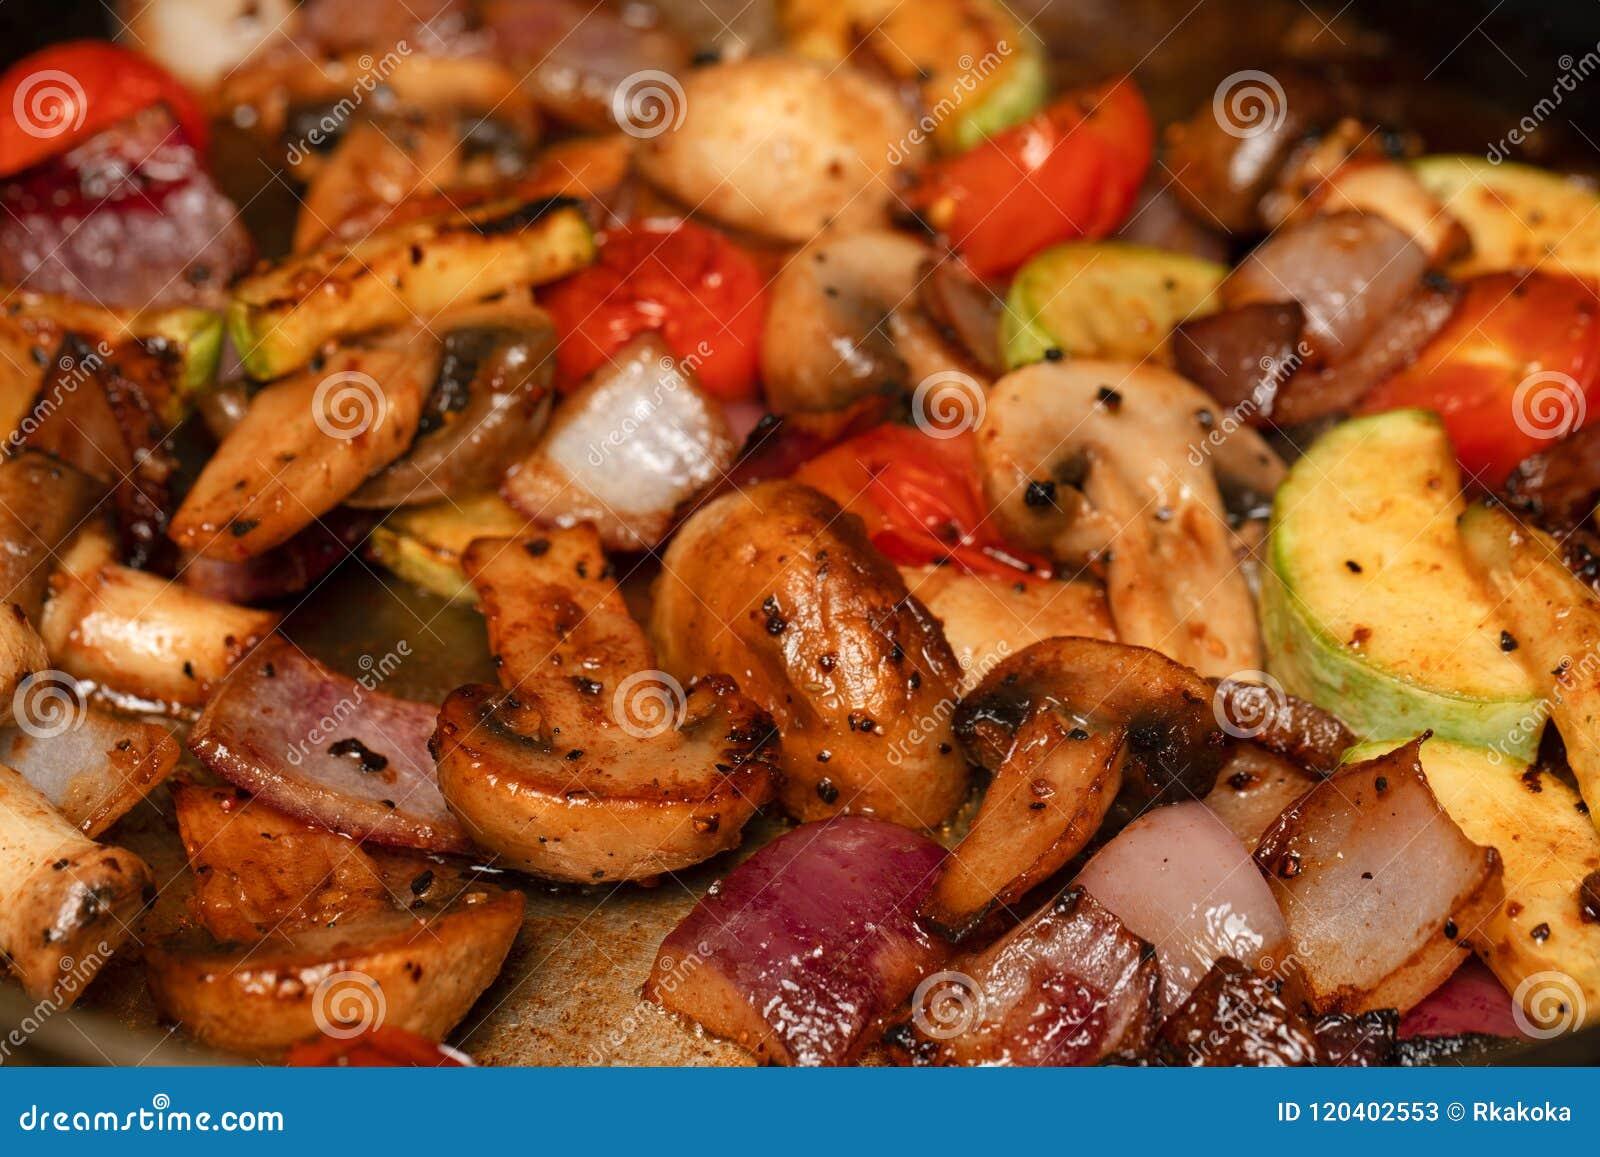 Cocinando Las Verduras En Un Sartén   Setas Blancas, Tomates De Cereza,  Cebollas Así